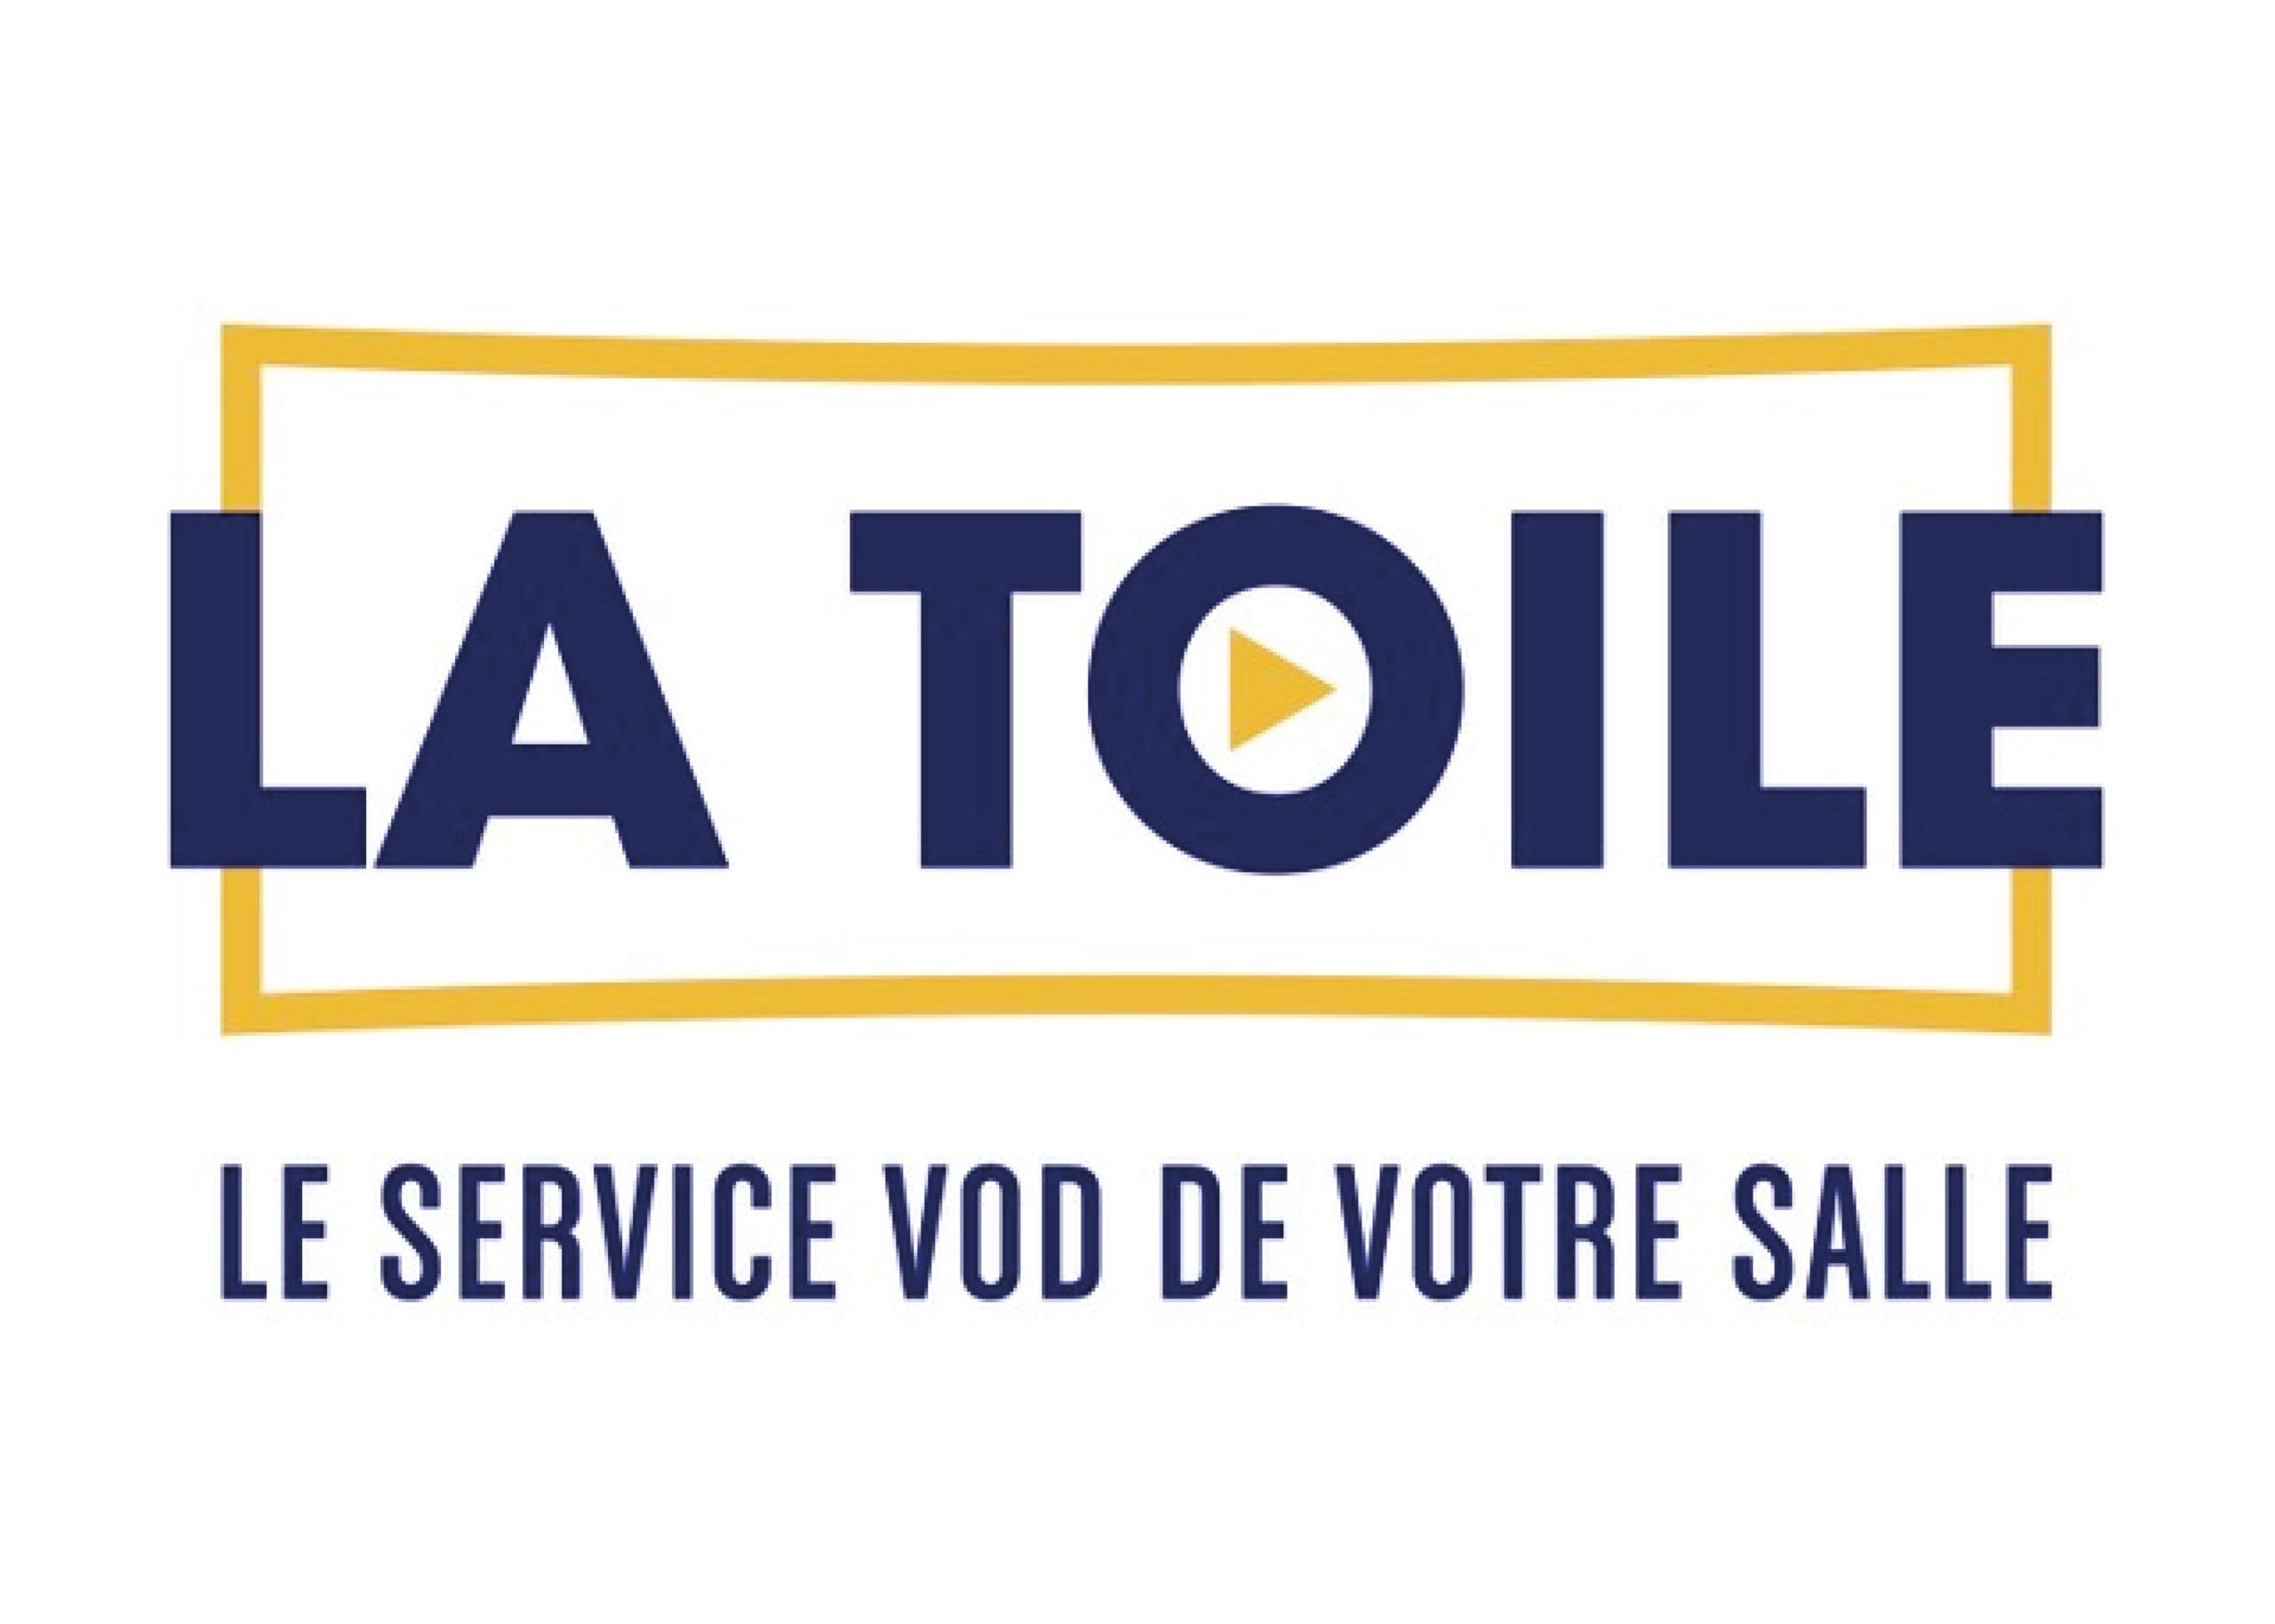 Logo de La toile, service de VOD - programmation par le cinéma du Moulin du Roc à Niort